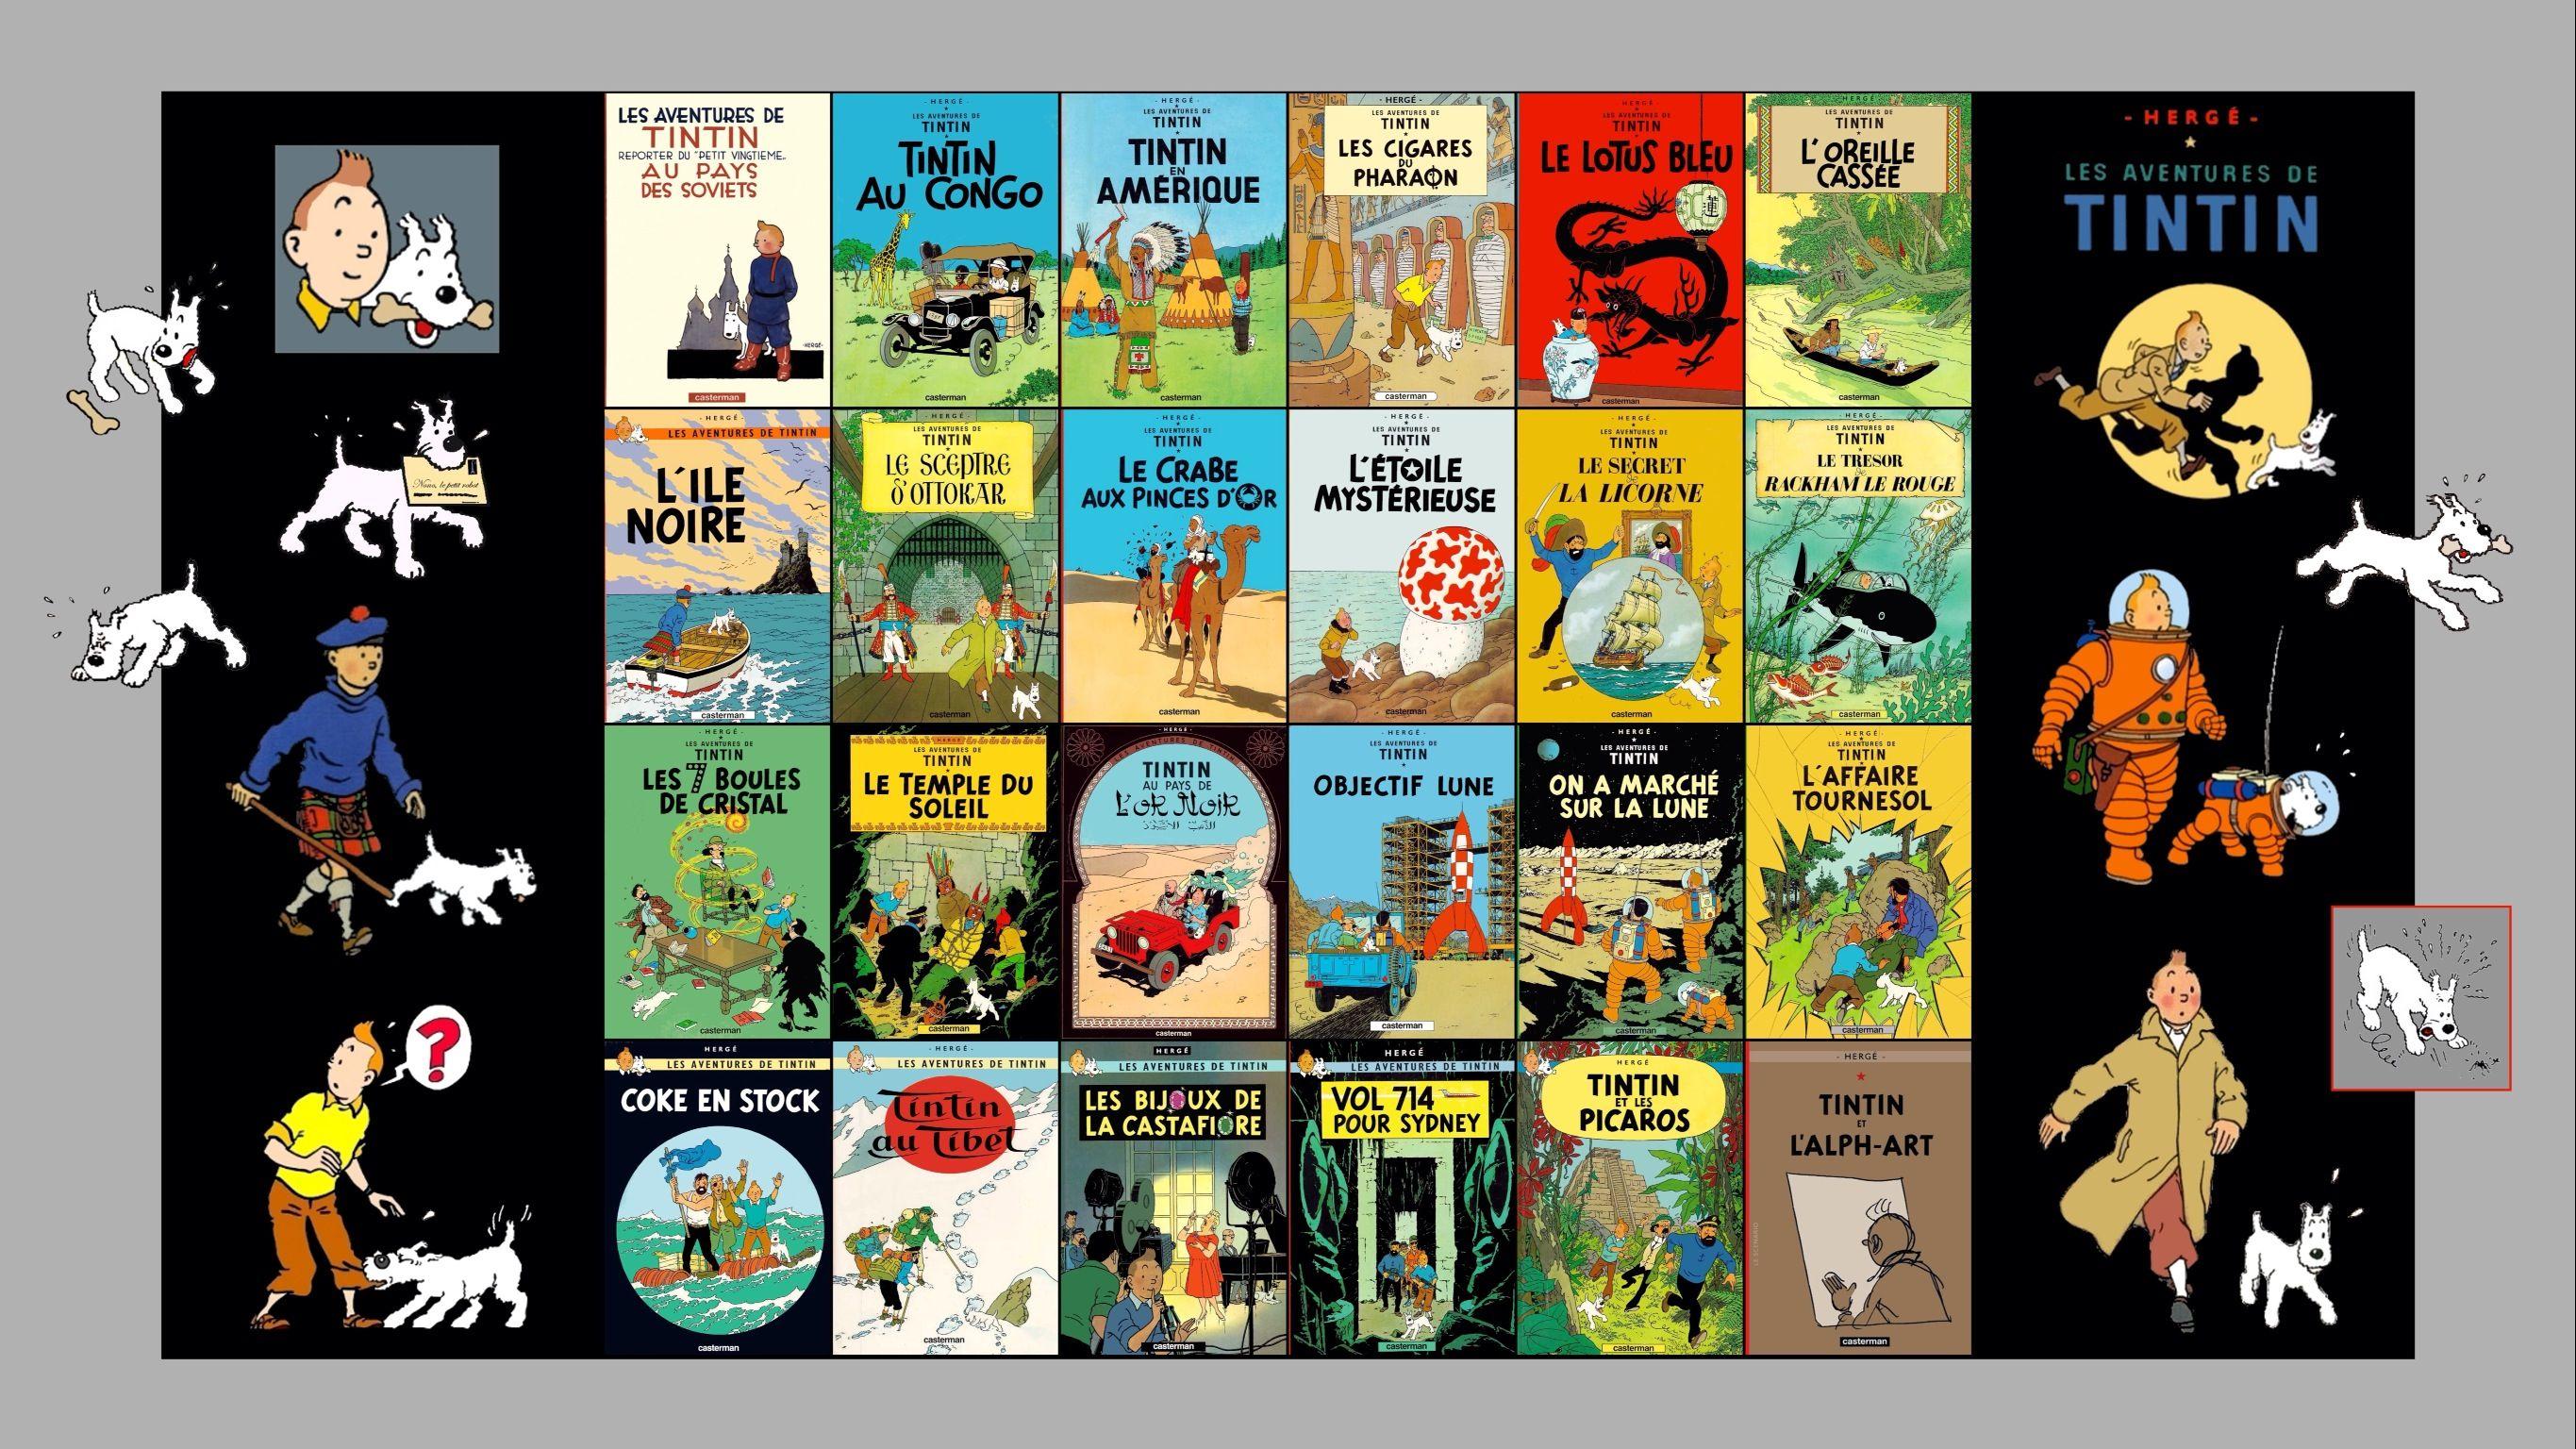 Tintin Site Officiel Fr Tintin Com Site Officiel L Univers De Tintin Des Videos Des Jeux Le Journal De Tintin Fond D Ecran De Livre Tintin Carte Postale